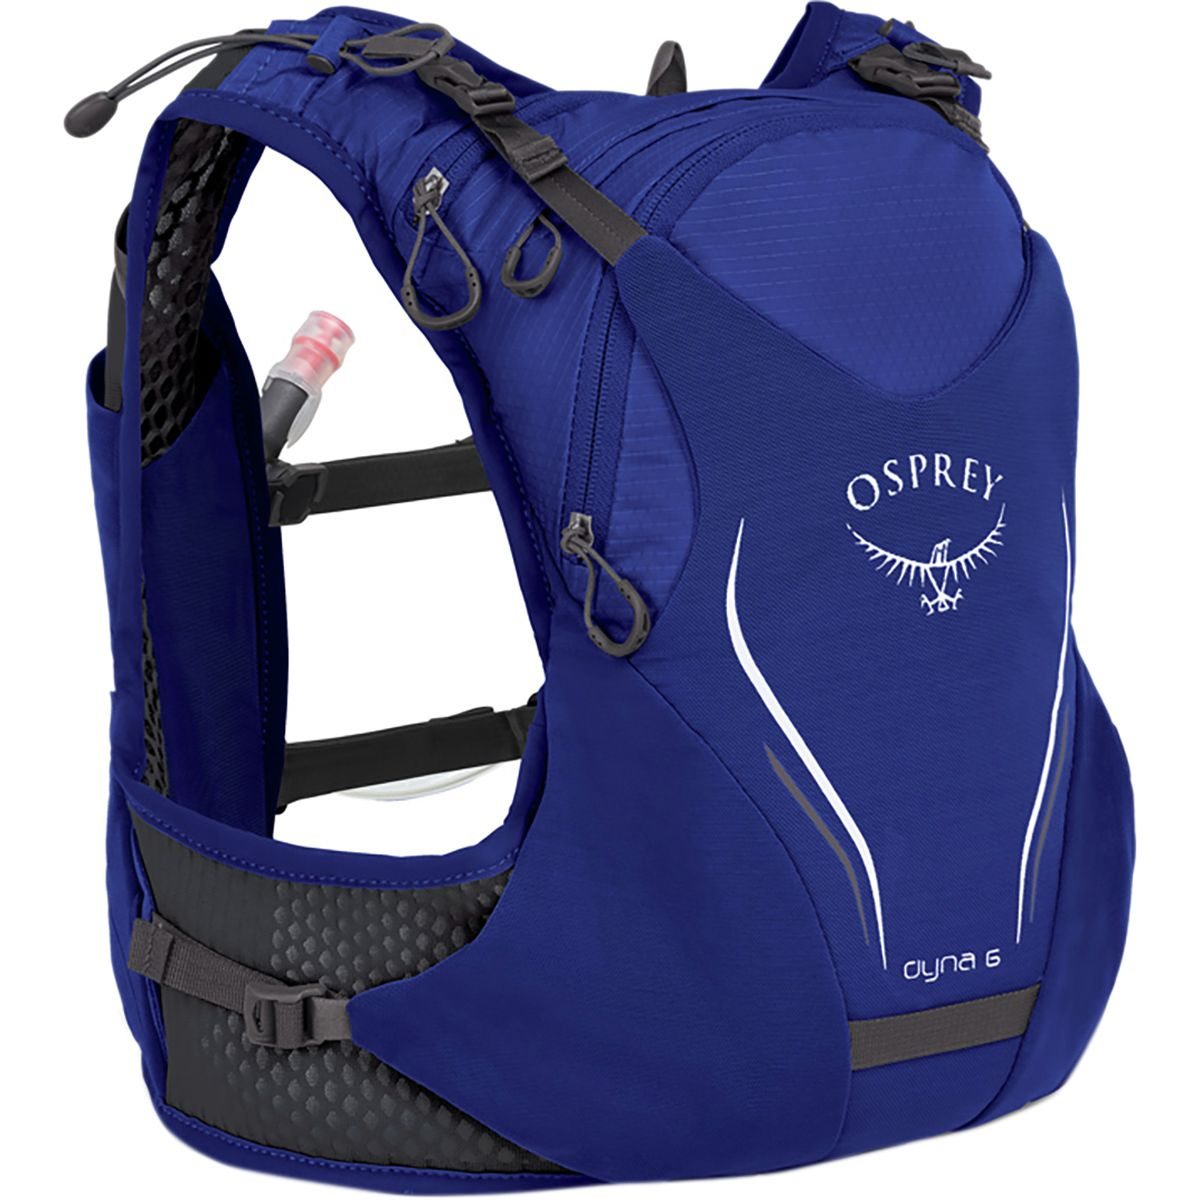 Osprey Dyna 6